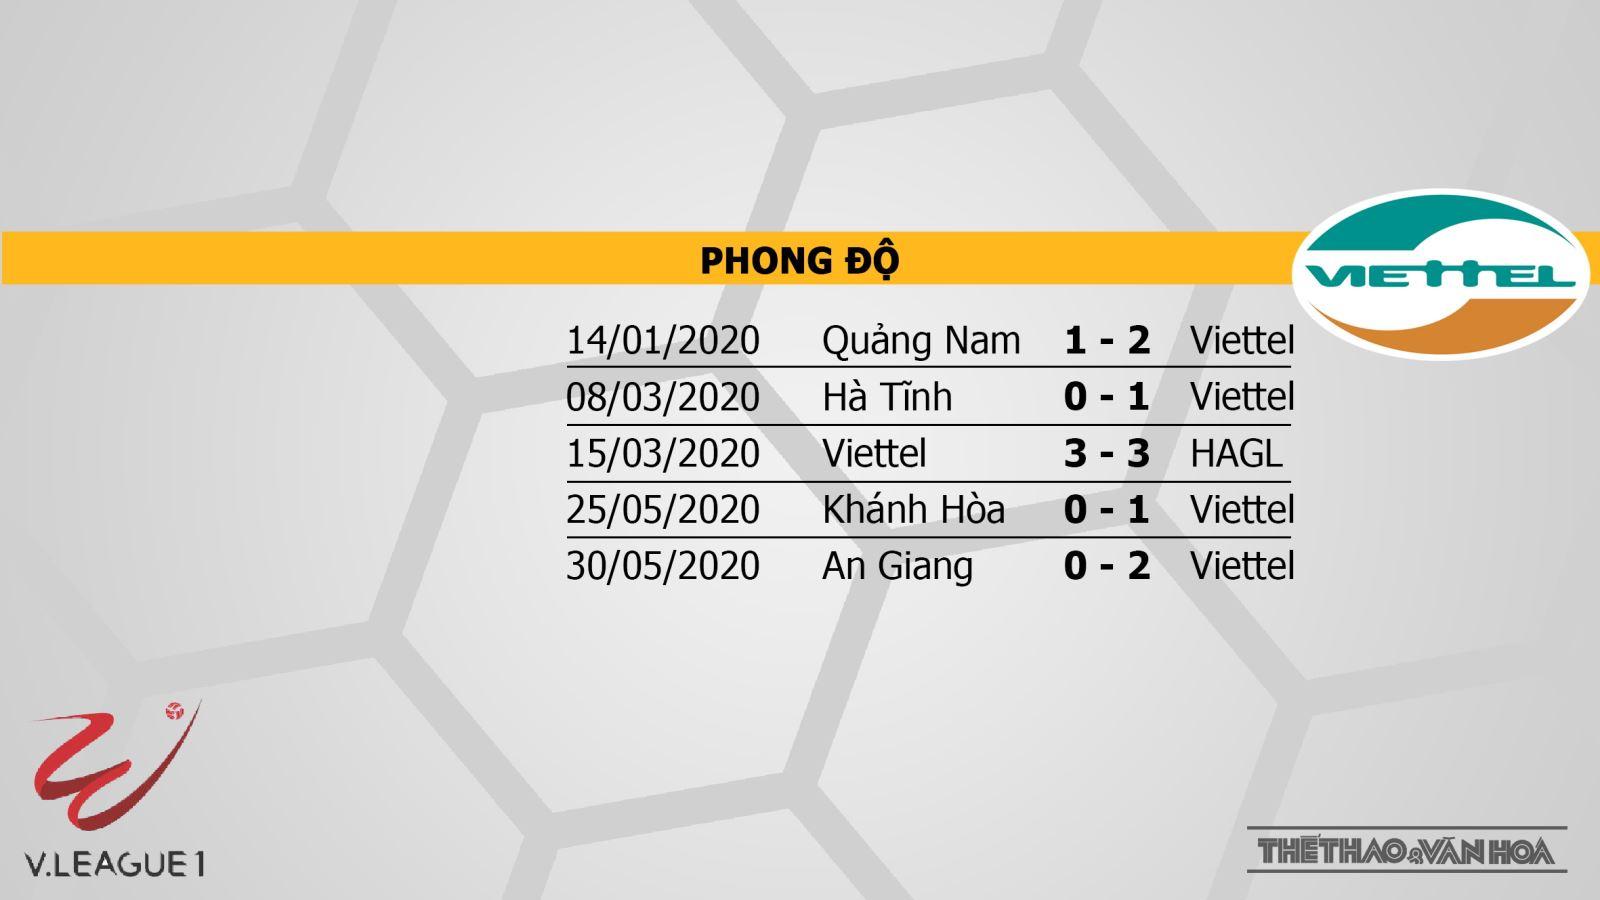 Nam Định vsViettel, Nam Định, Viettel, soi kèo bóng đá, nhận định, kèo bóng đá, trực tiếp bóng đá, V-League